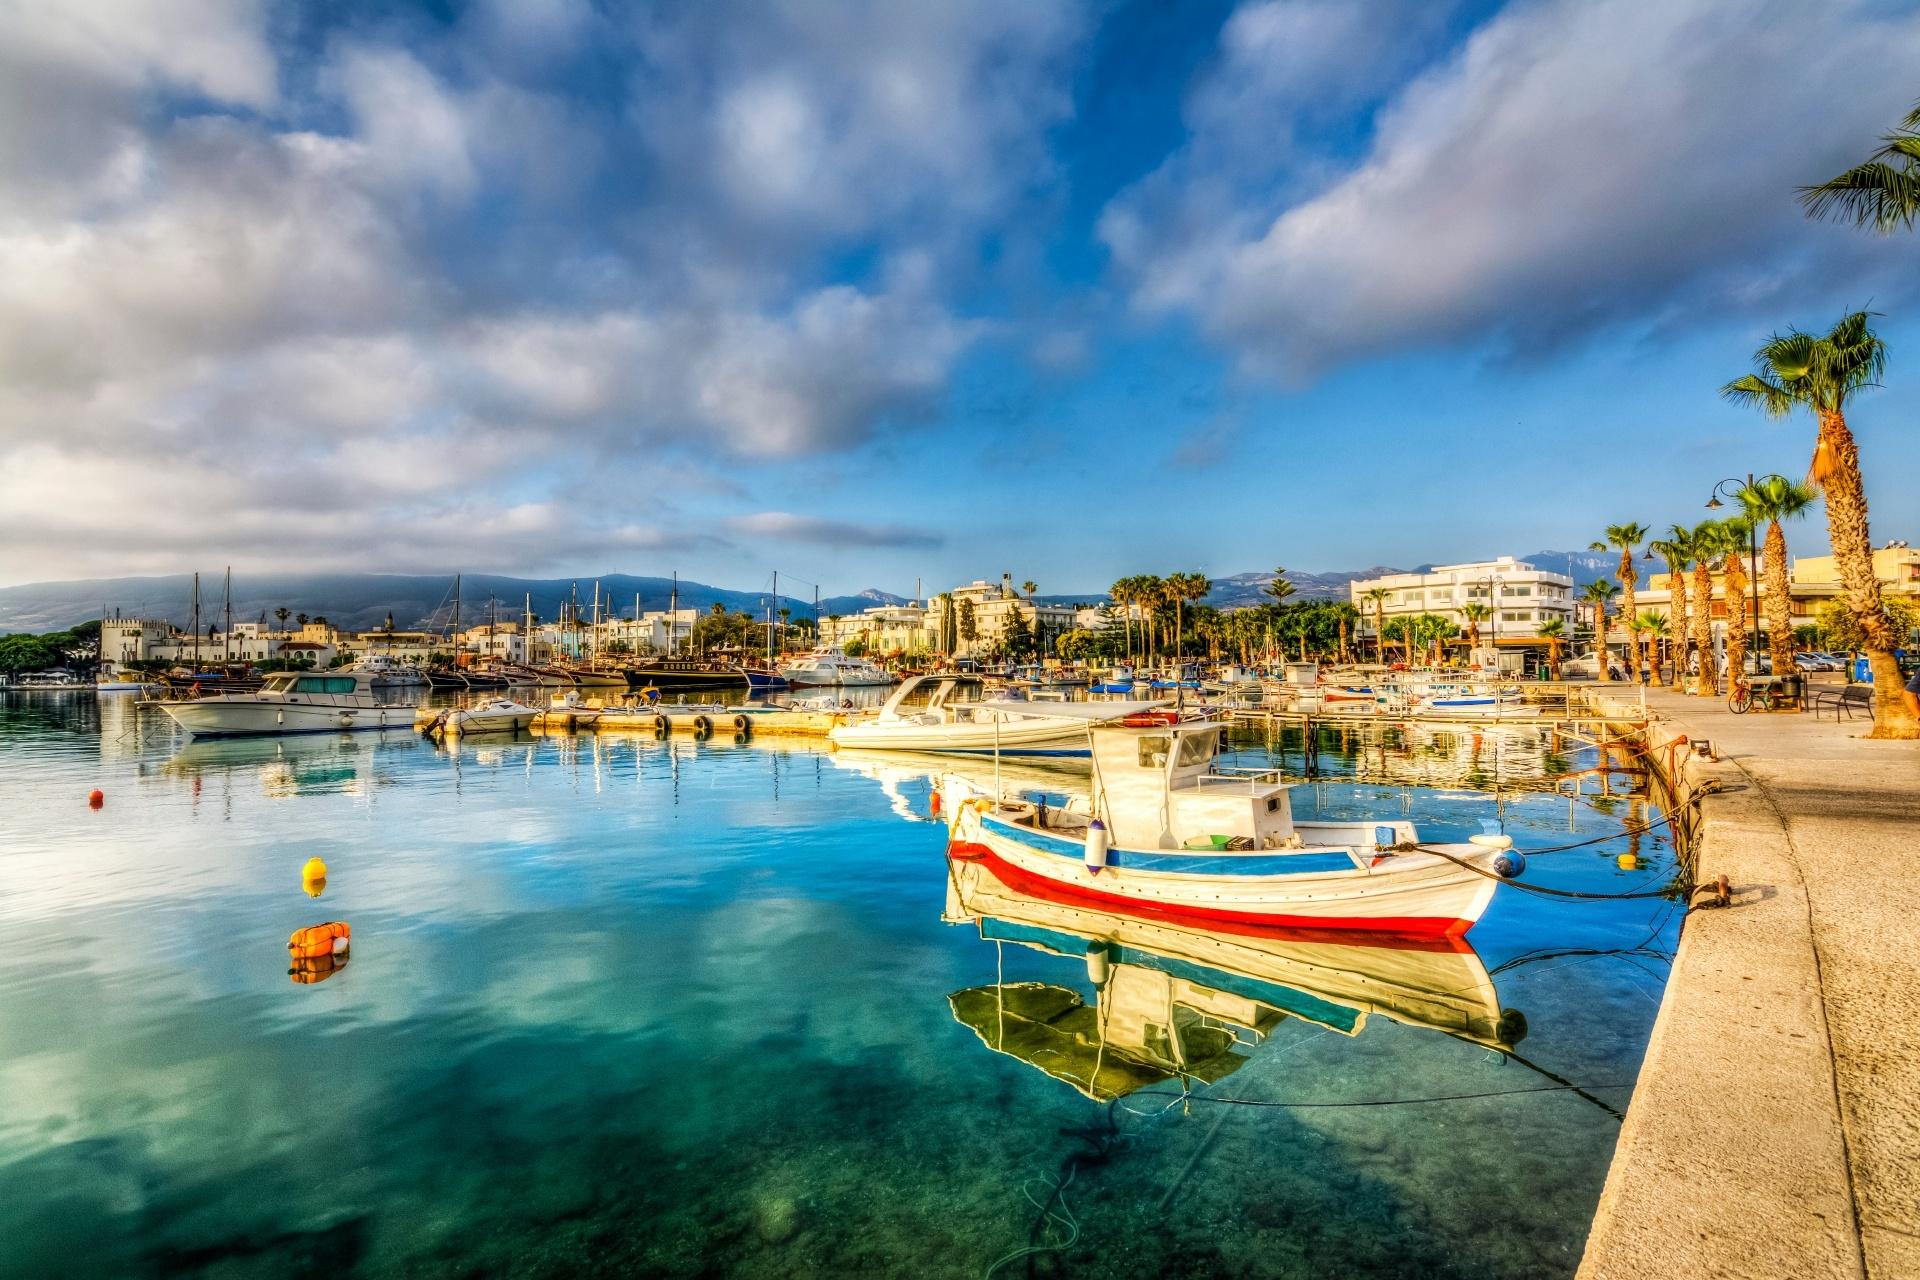 コス島の風景 ギリシャの風景